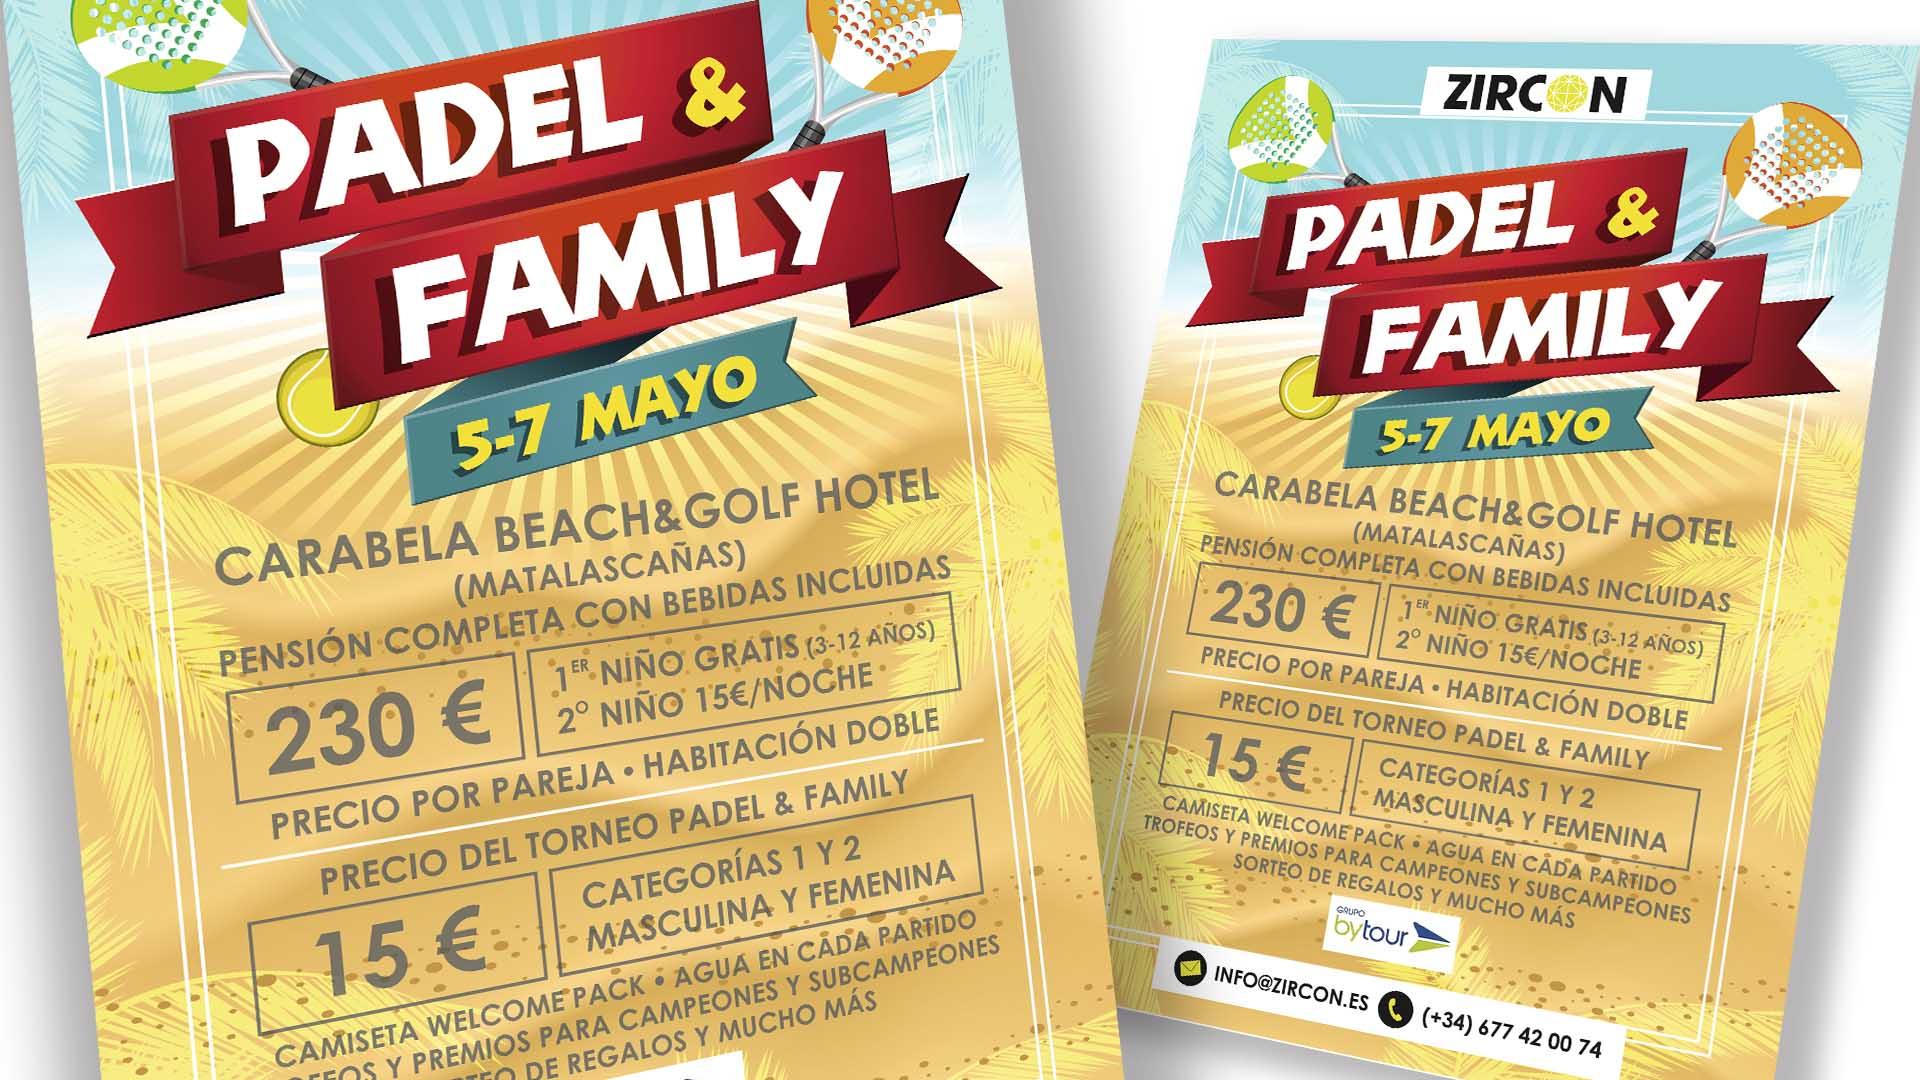 ZIRCON EVENTOS - Cartel Padel & Family